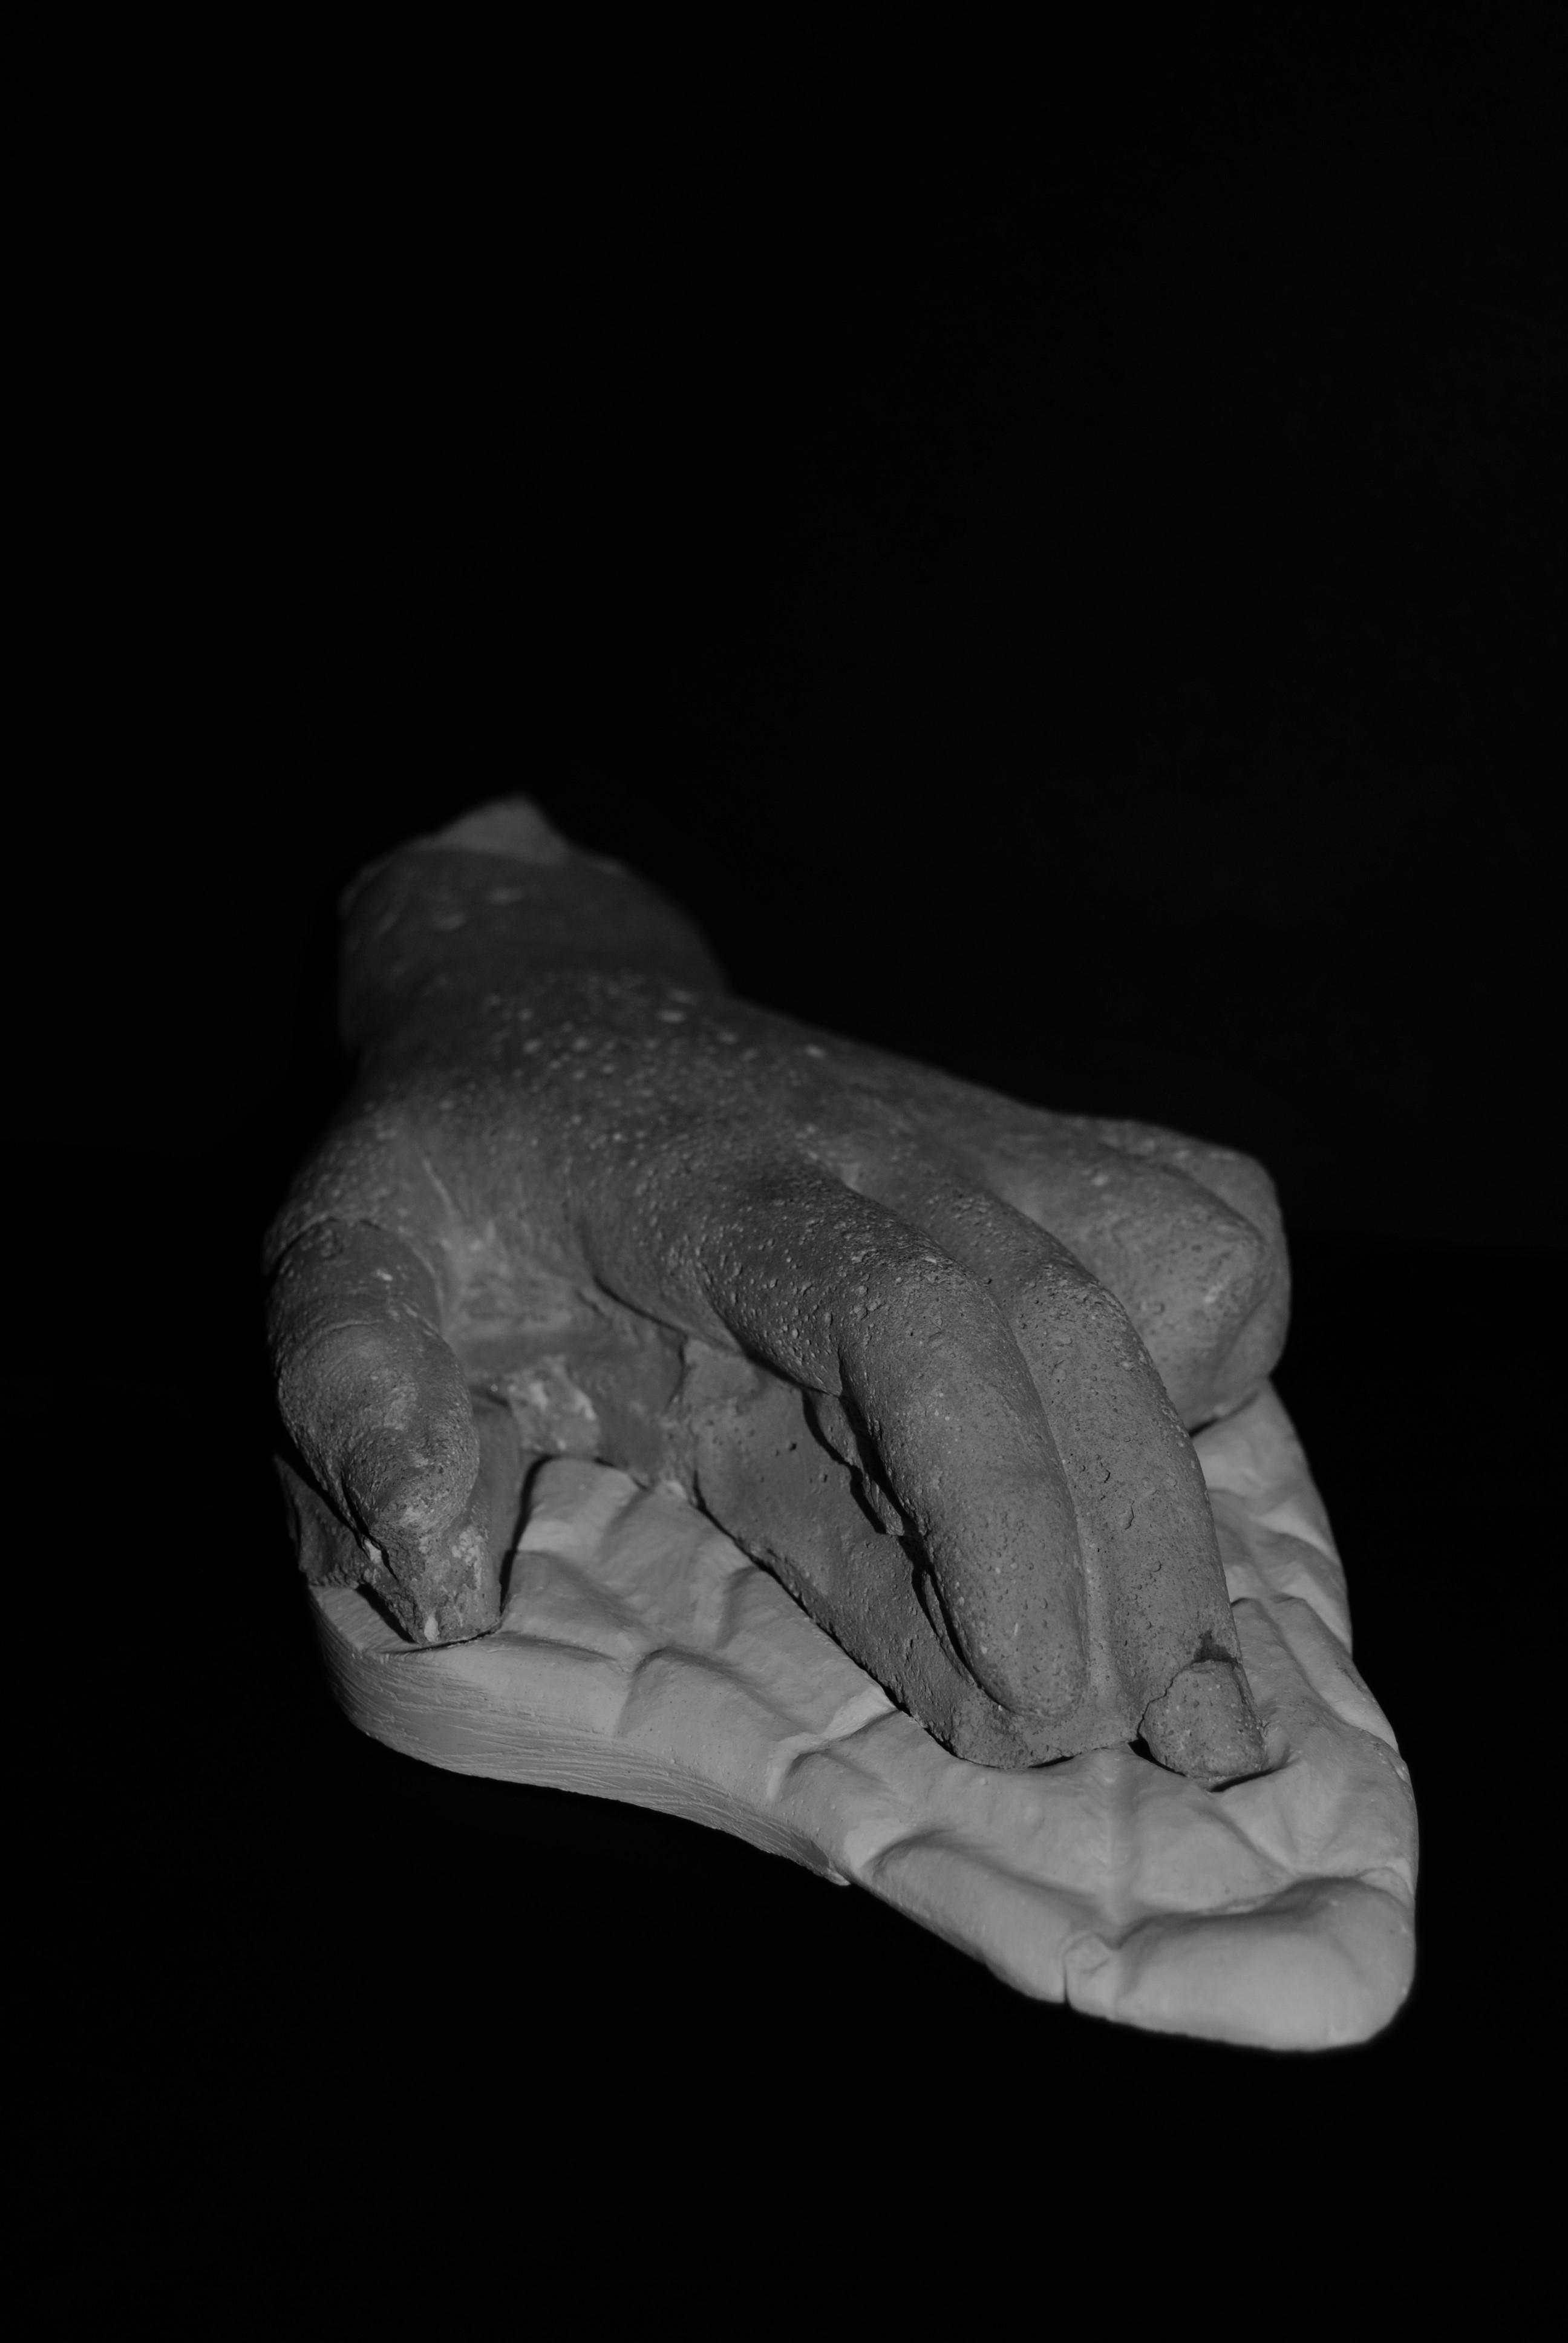 La mano que descansa